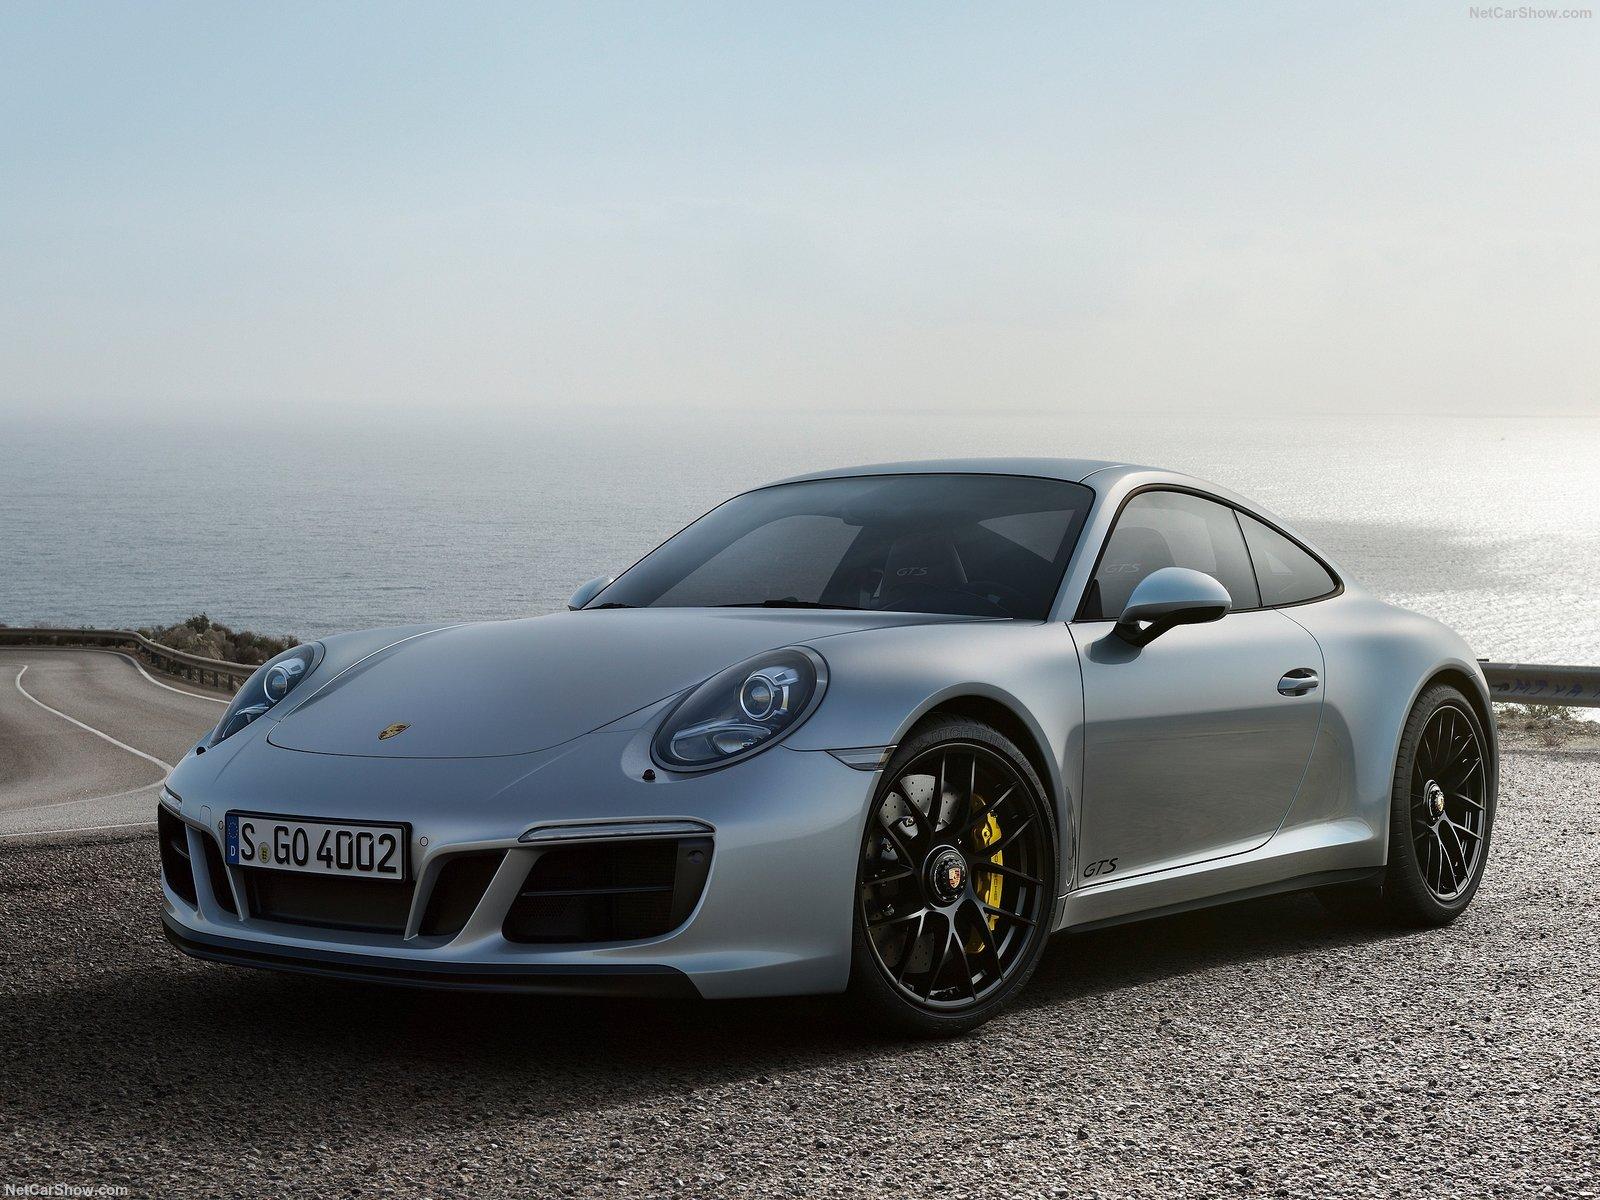 Porsche-911_GTS-2018-1600-01.jpg